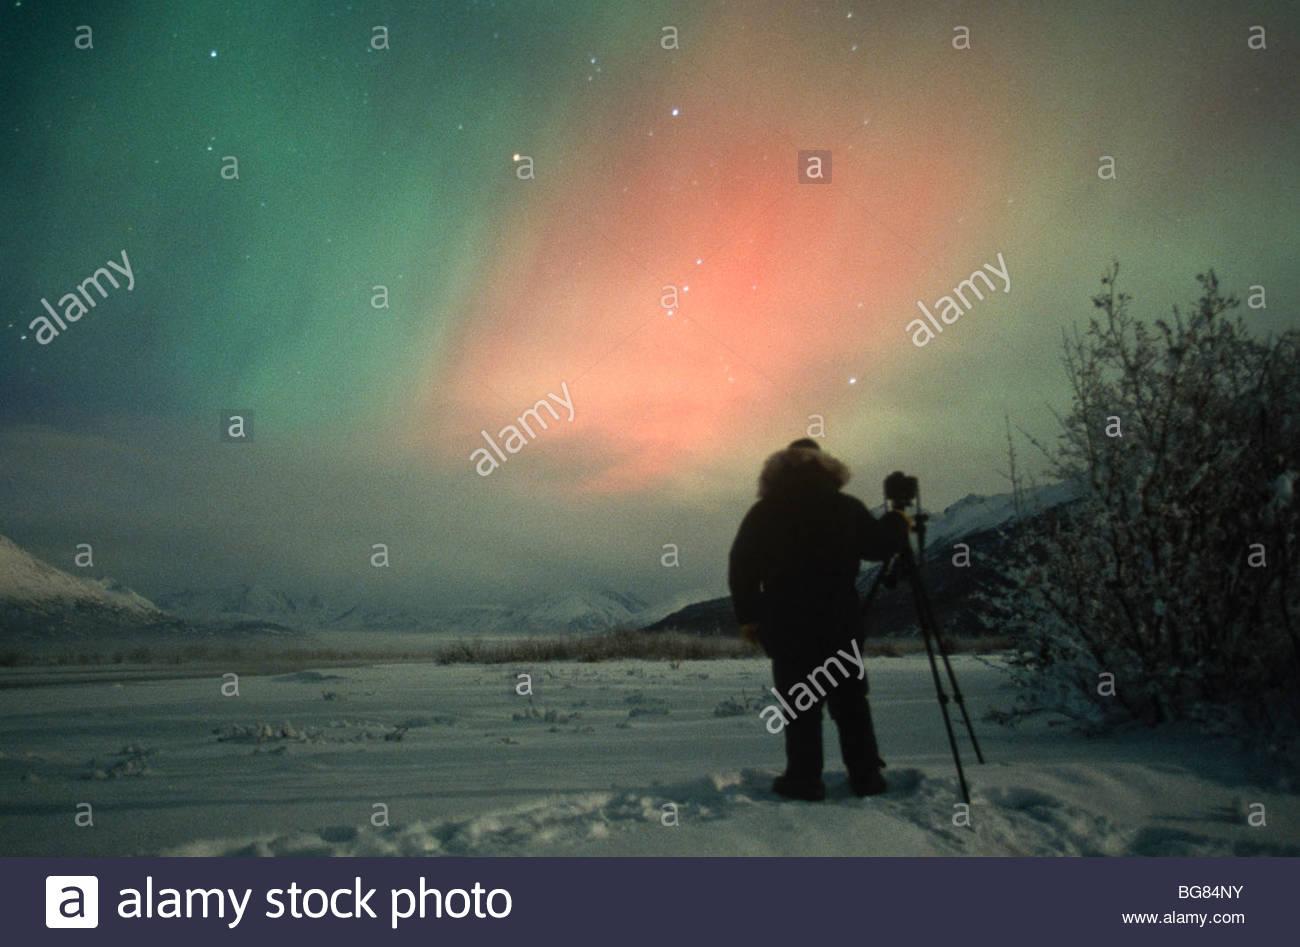 L'Alaska. Aurora boreale o luci del nord osservata dal fotografo Cary Anderson. Immagini Stock